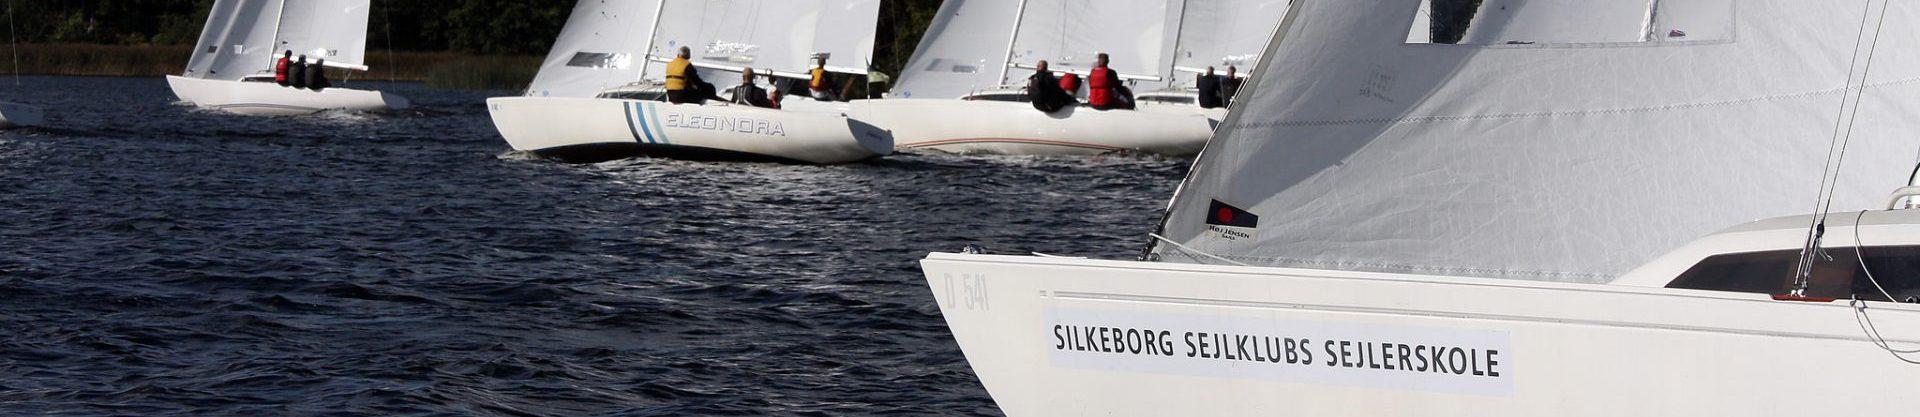 VM H-båd  Medemblik, Holland